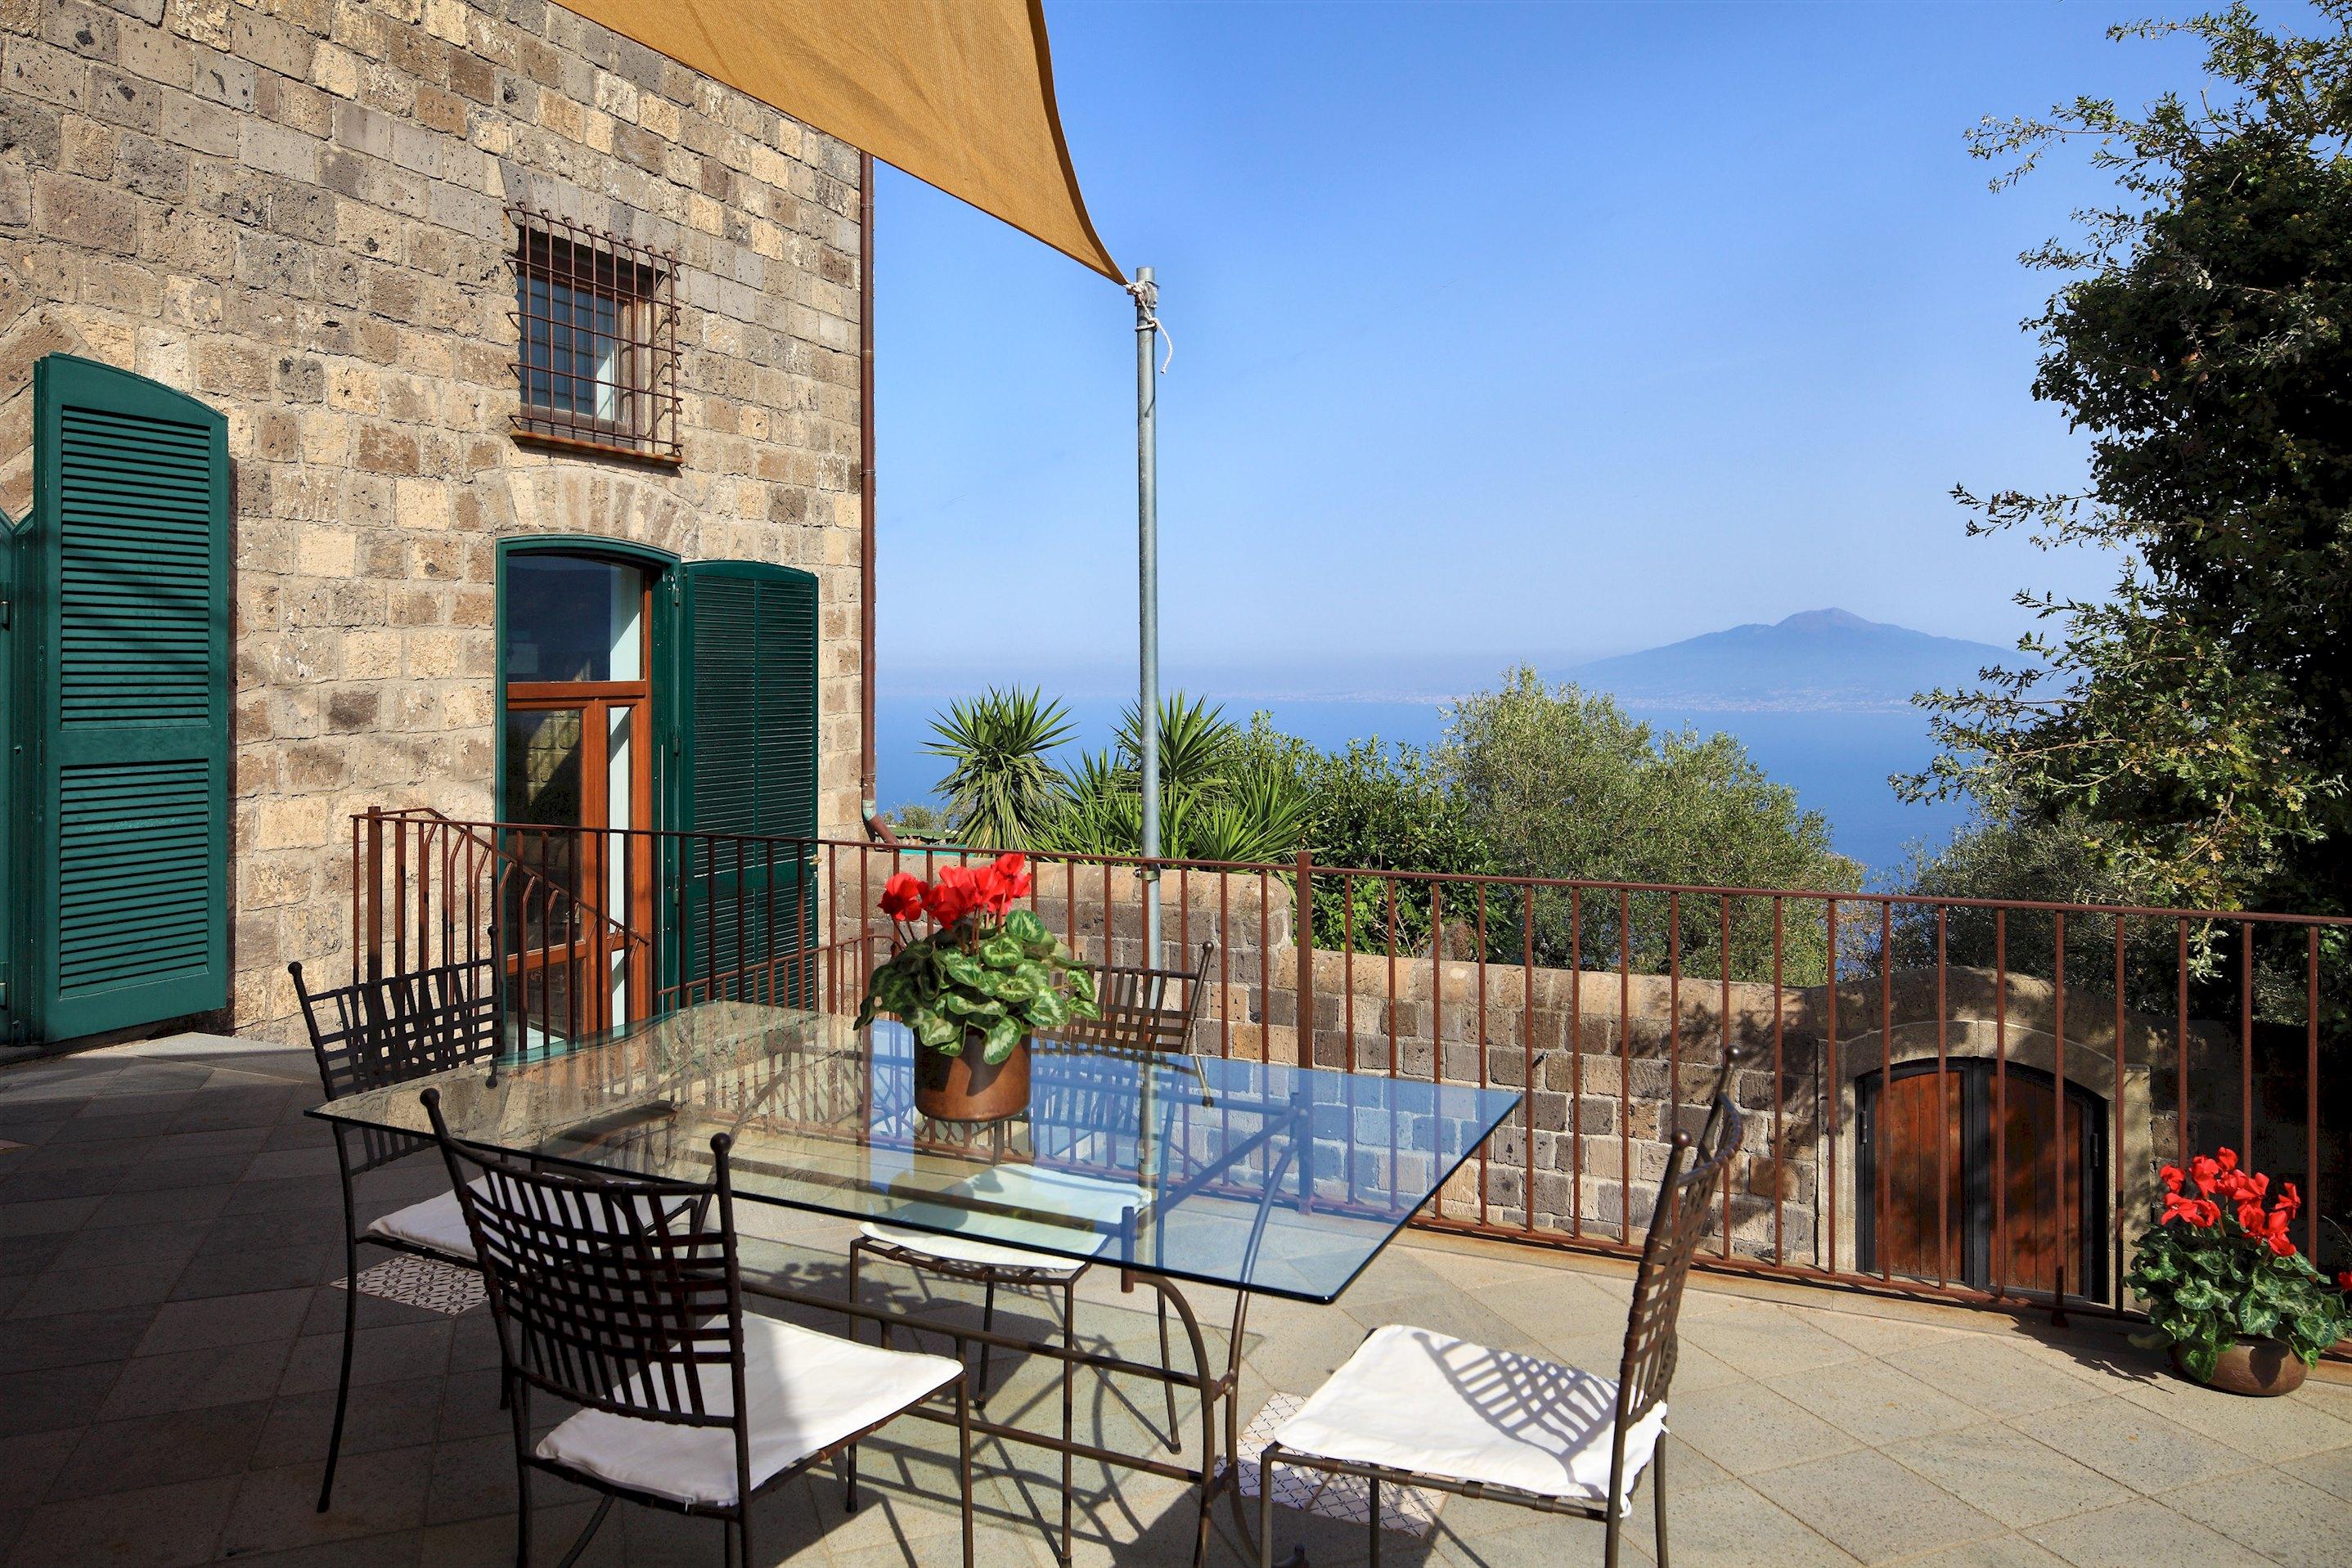 Apartment Villa Vesuvio - Luxury and Beauty photo 25033402